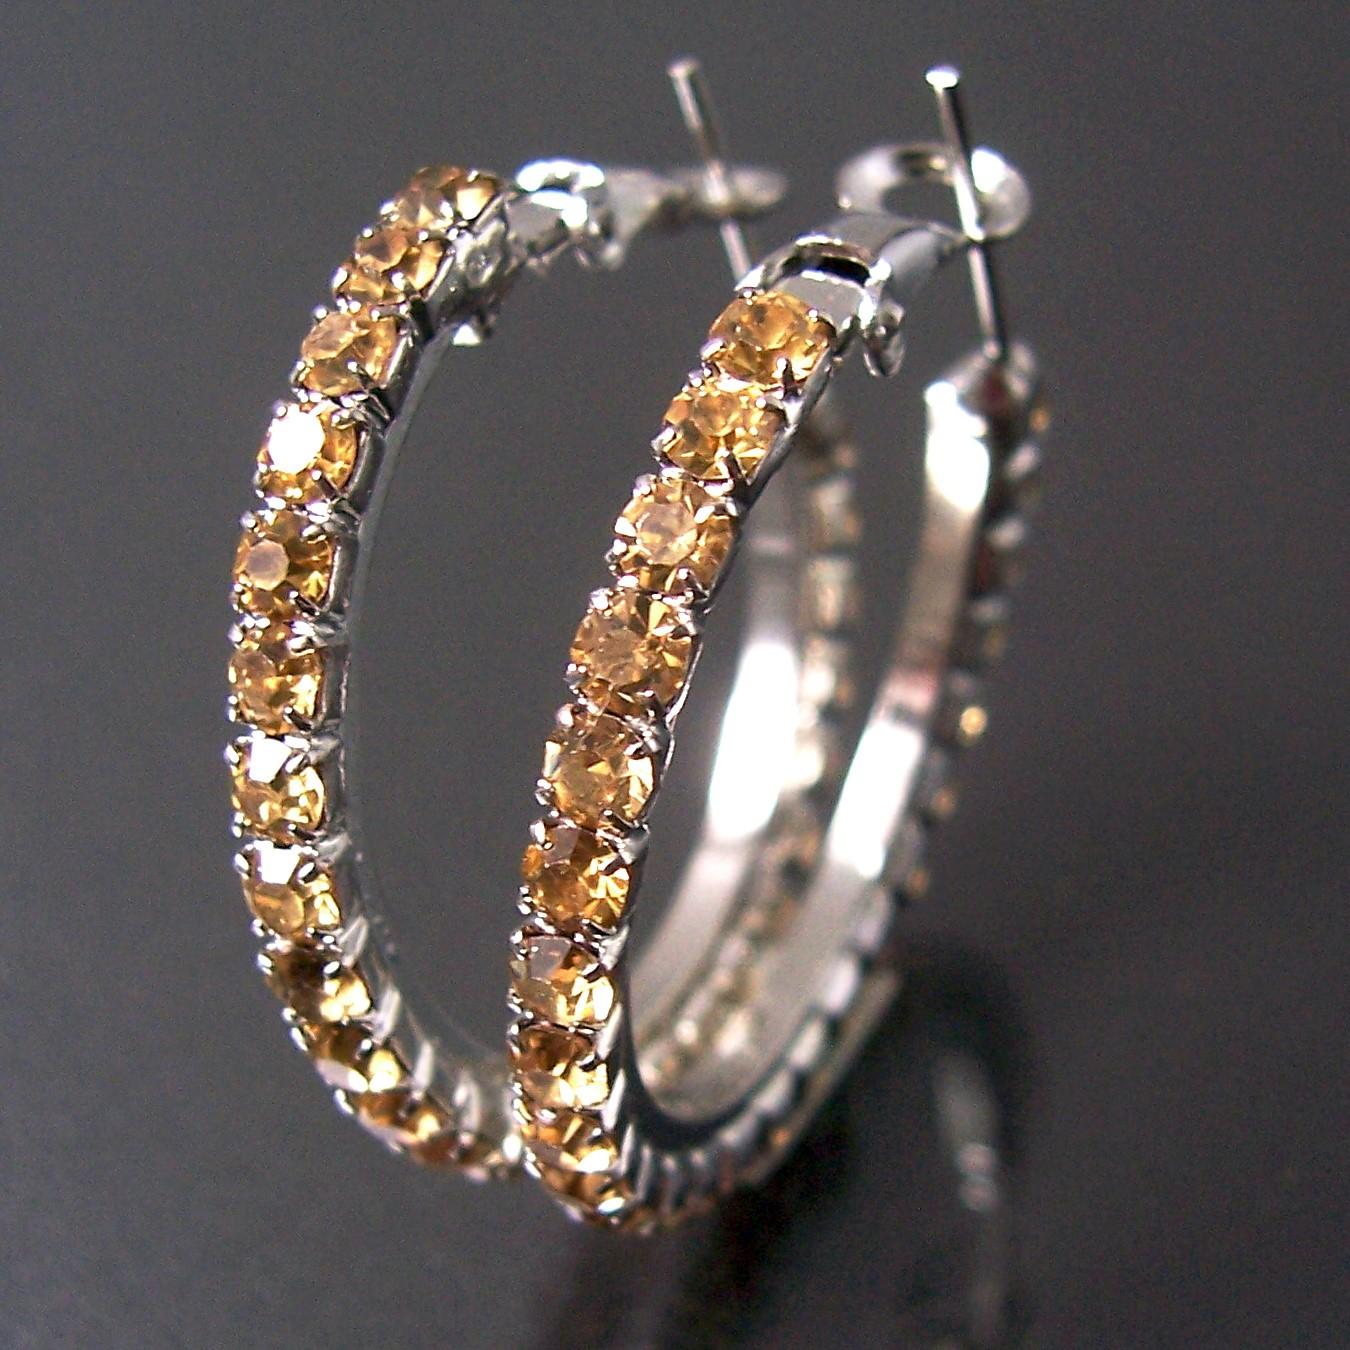 Ohrringe Silber plattiert CREOLEN 3cm Strass gold Schmuck Damen O336